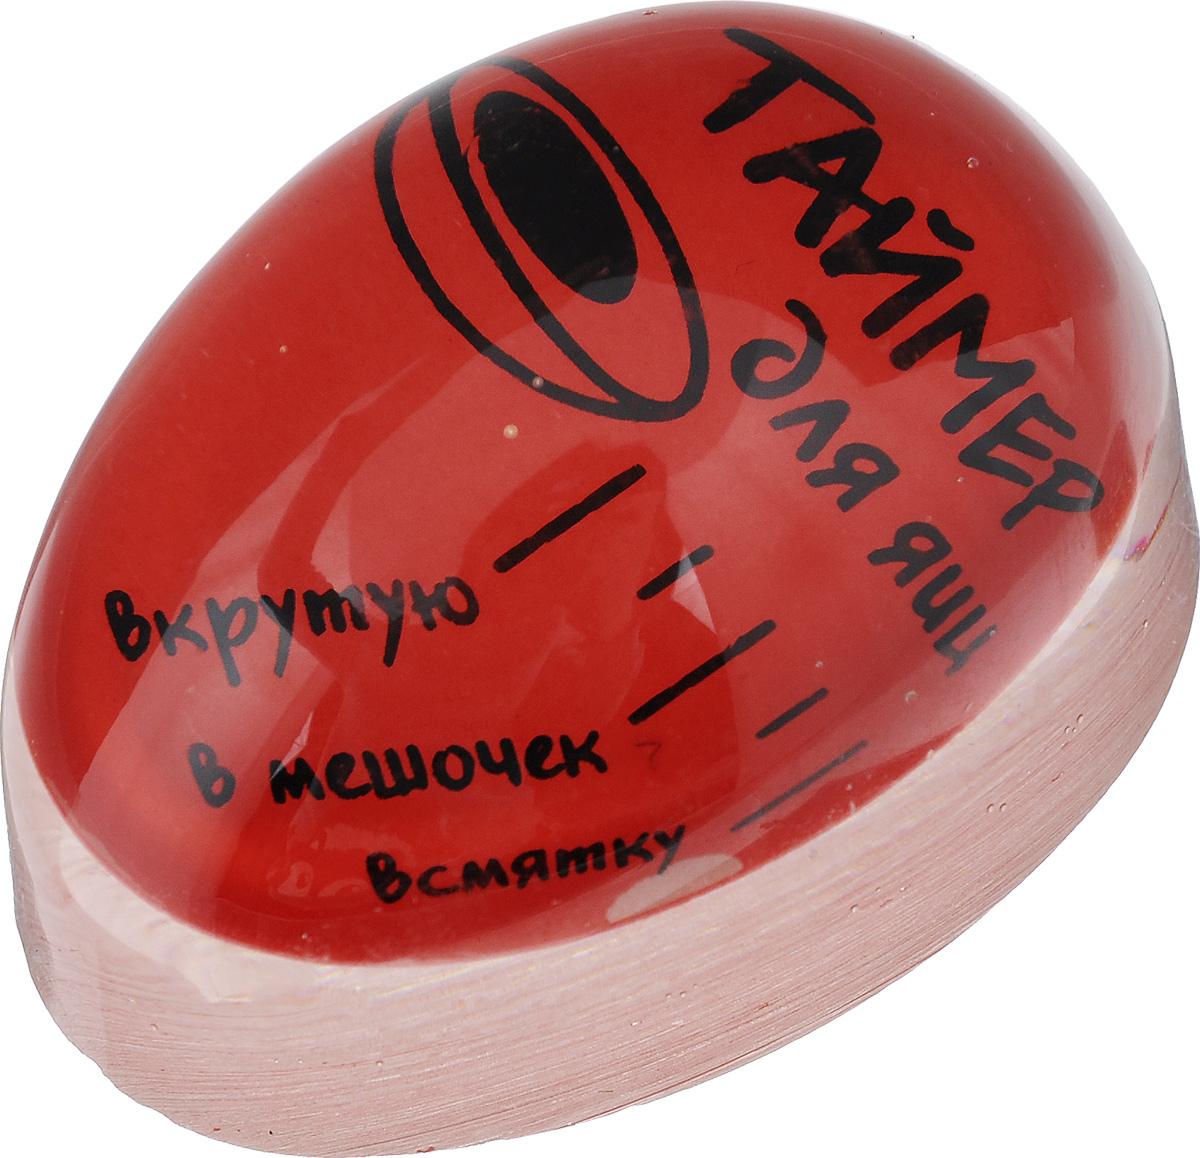 Таймер для варки яиц Miolla, цвет: красный1516044Таймер для варки яиц Miolla поможет приготовить яйца в нужном вам виде. Изделие выполнено из высококачественного пластика. Использовать таймер очень просто. Налейте в кастрюлю холодную воду, положите необходимое количество яиц, поместите туда таймер и поставьте на газовую плиту. В процессе варки таймер начнет изменять цвет от внешнего контура. Достижение контуром определенного деления (всмятку, в мешочек, вкрутую) означает соответствующую степень готовности яиц. Оригинально и просто!